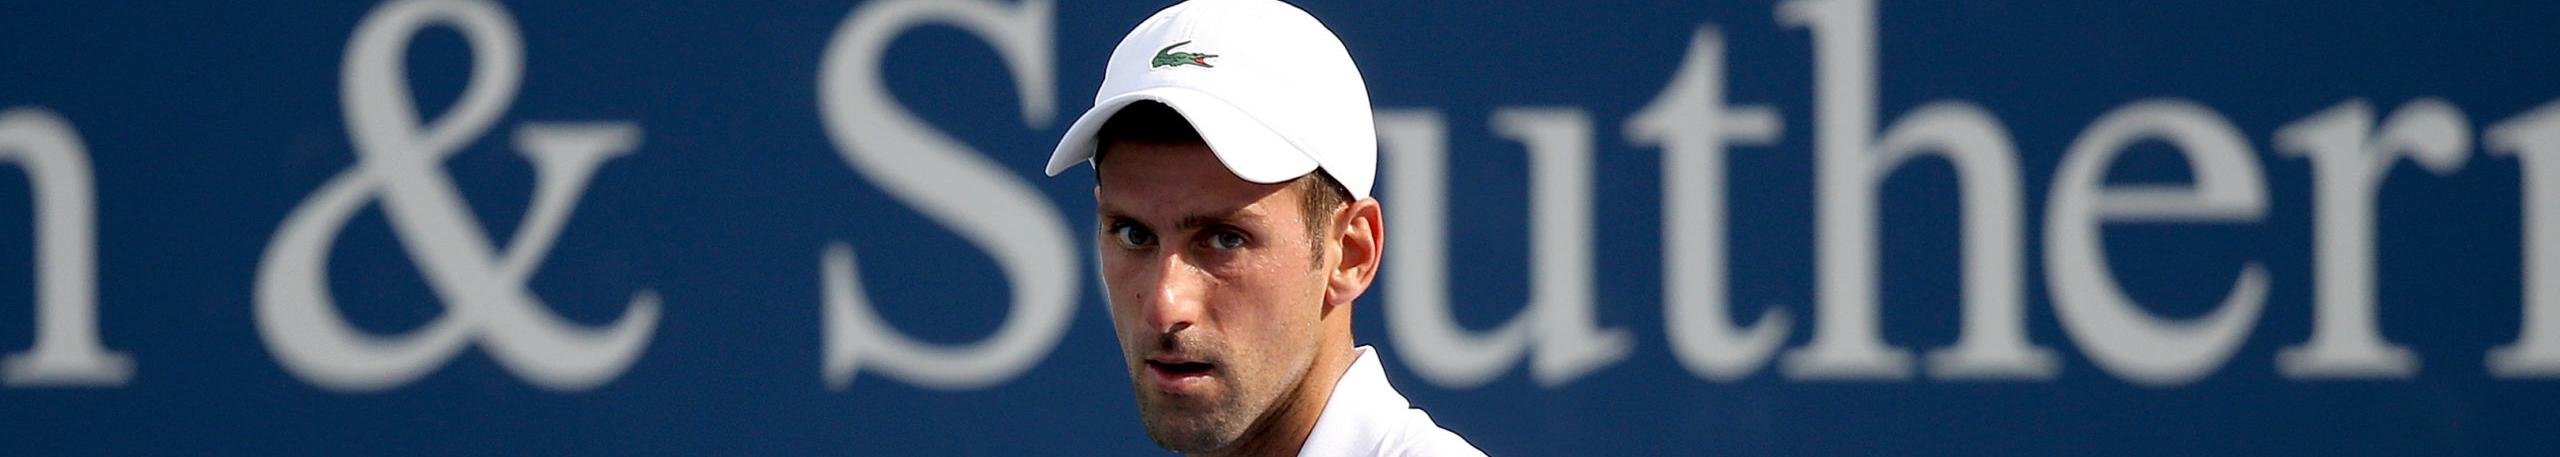 Pronostici ATP Cincinnati: Djokovic e Tsitsipas a caccia delle semifinali